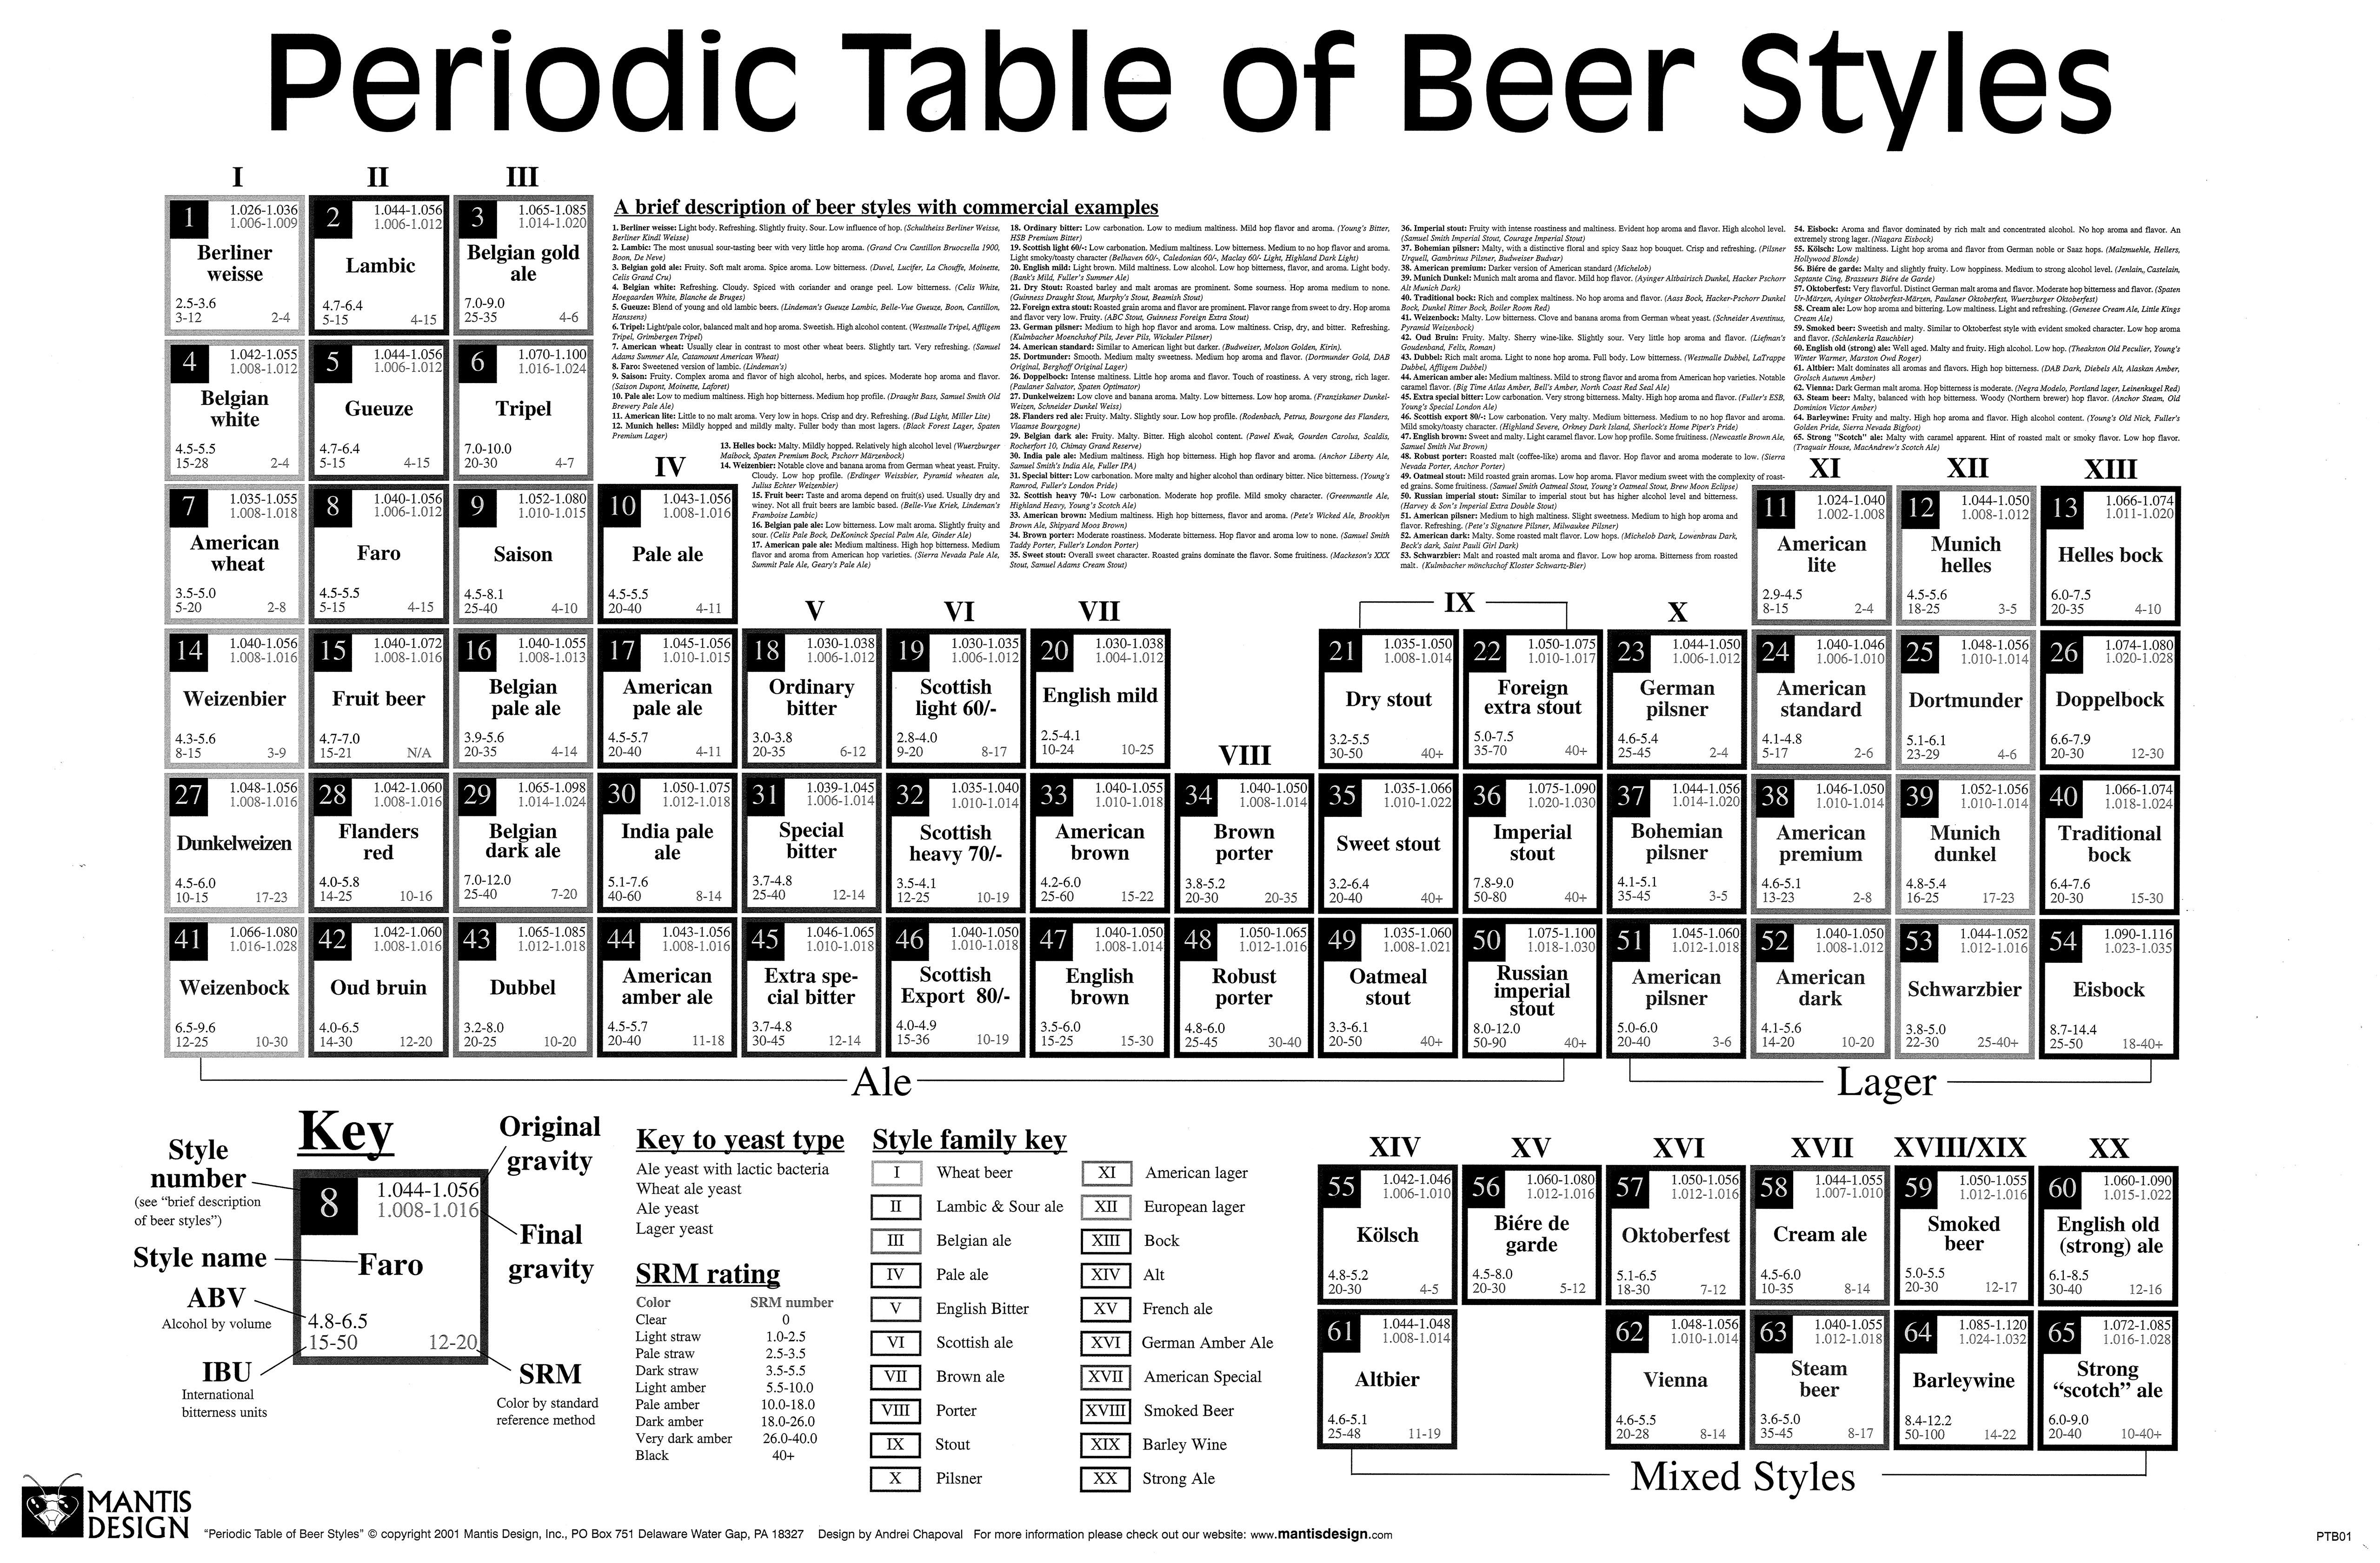 BeerPeriodicTableBig